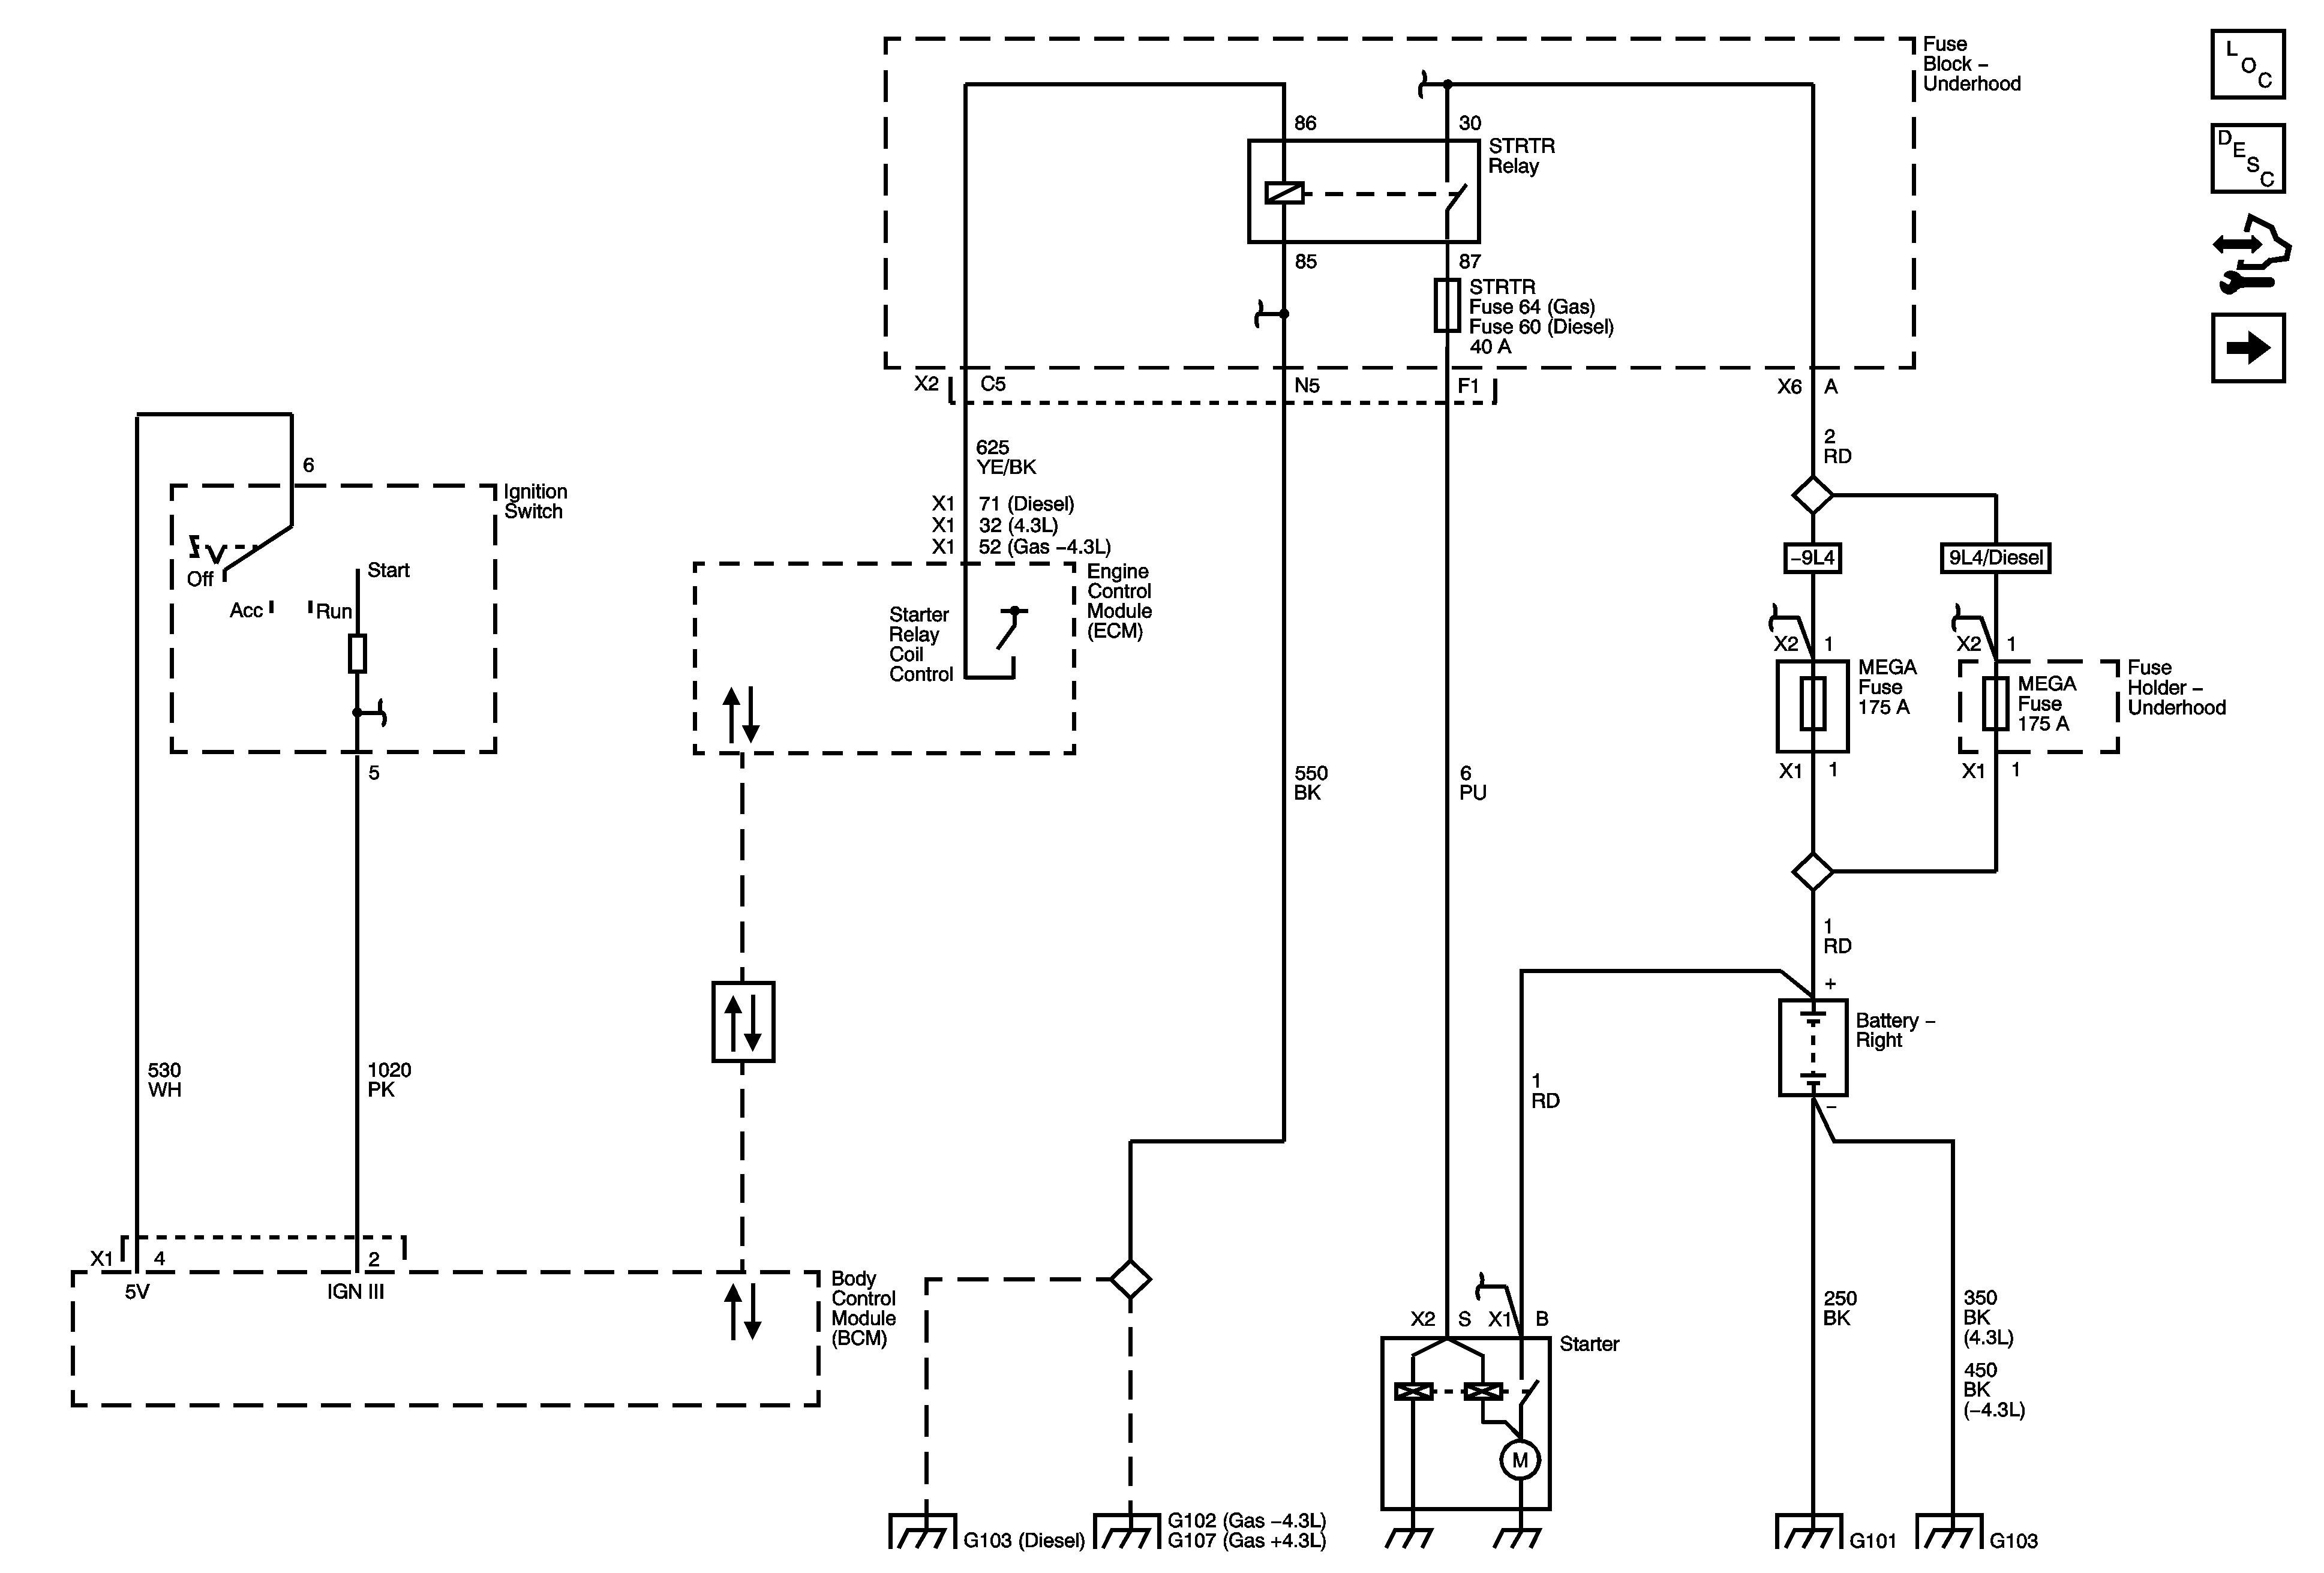 Engine Starter Diagram Unique Steering Wheel Radio Controls Wiring Diagram Diagram Of Engine Starter Diagram